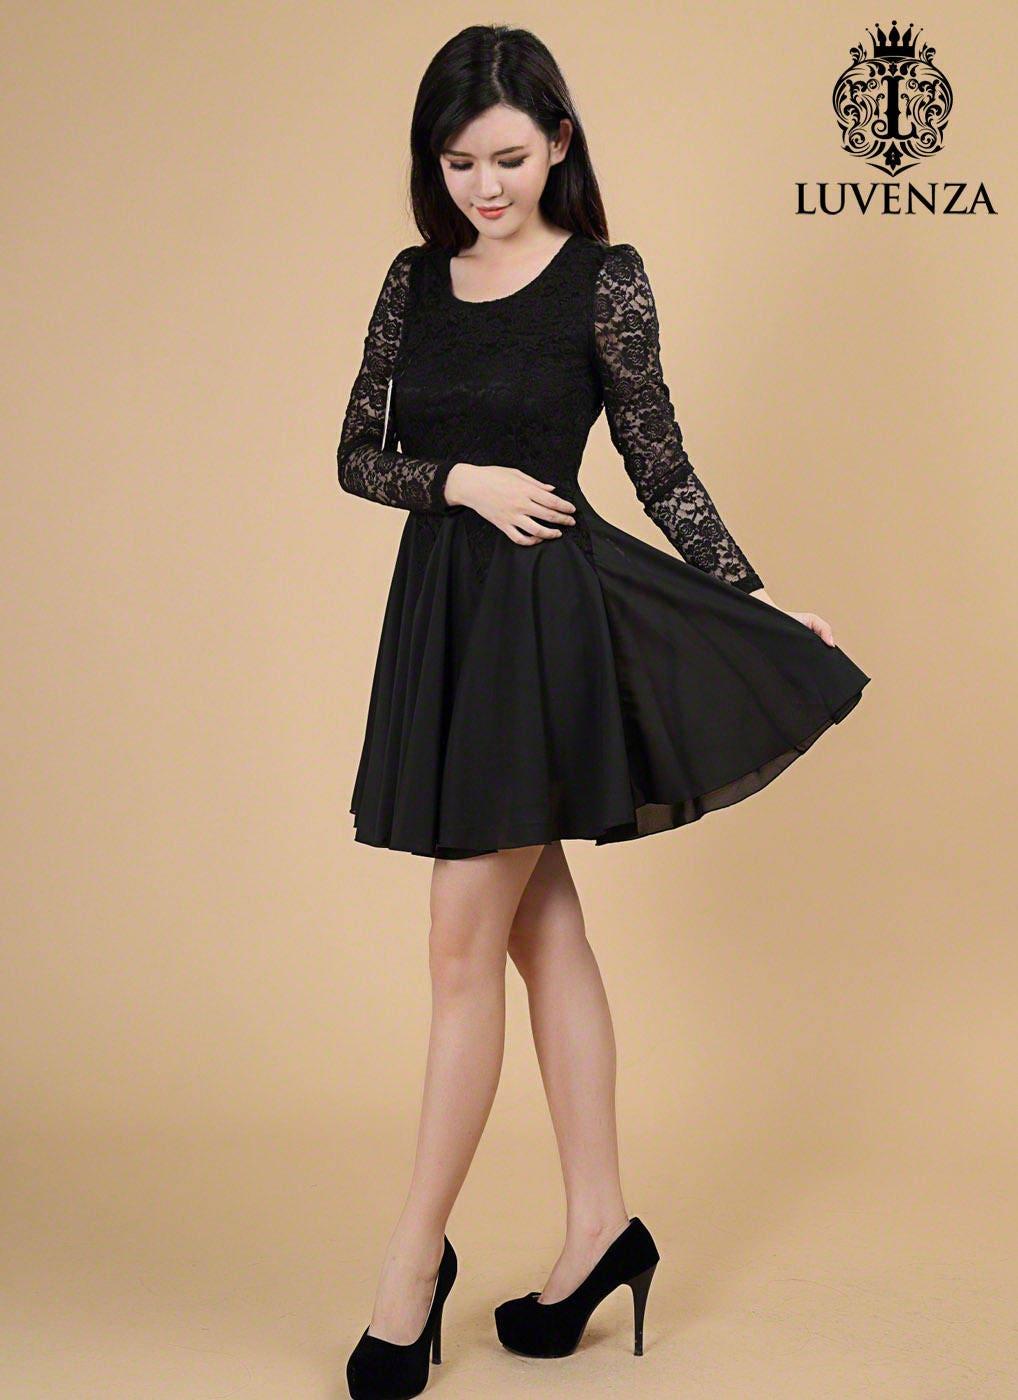 Spitze-Chiffon-Kleid schwarz / schwarz Fit und Streulicht